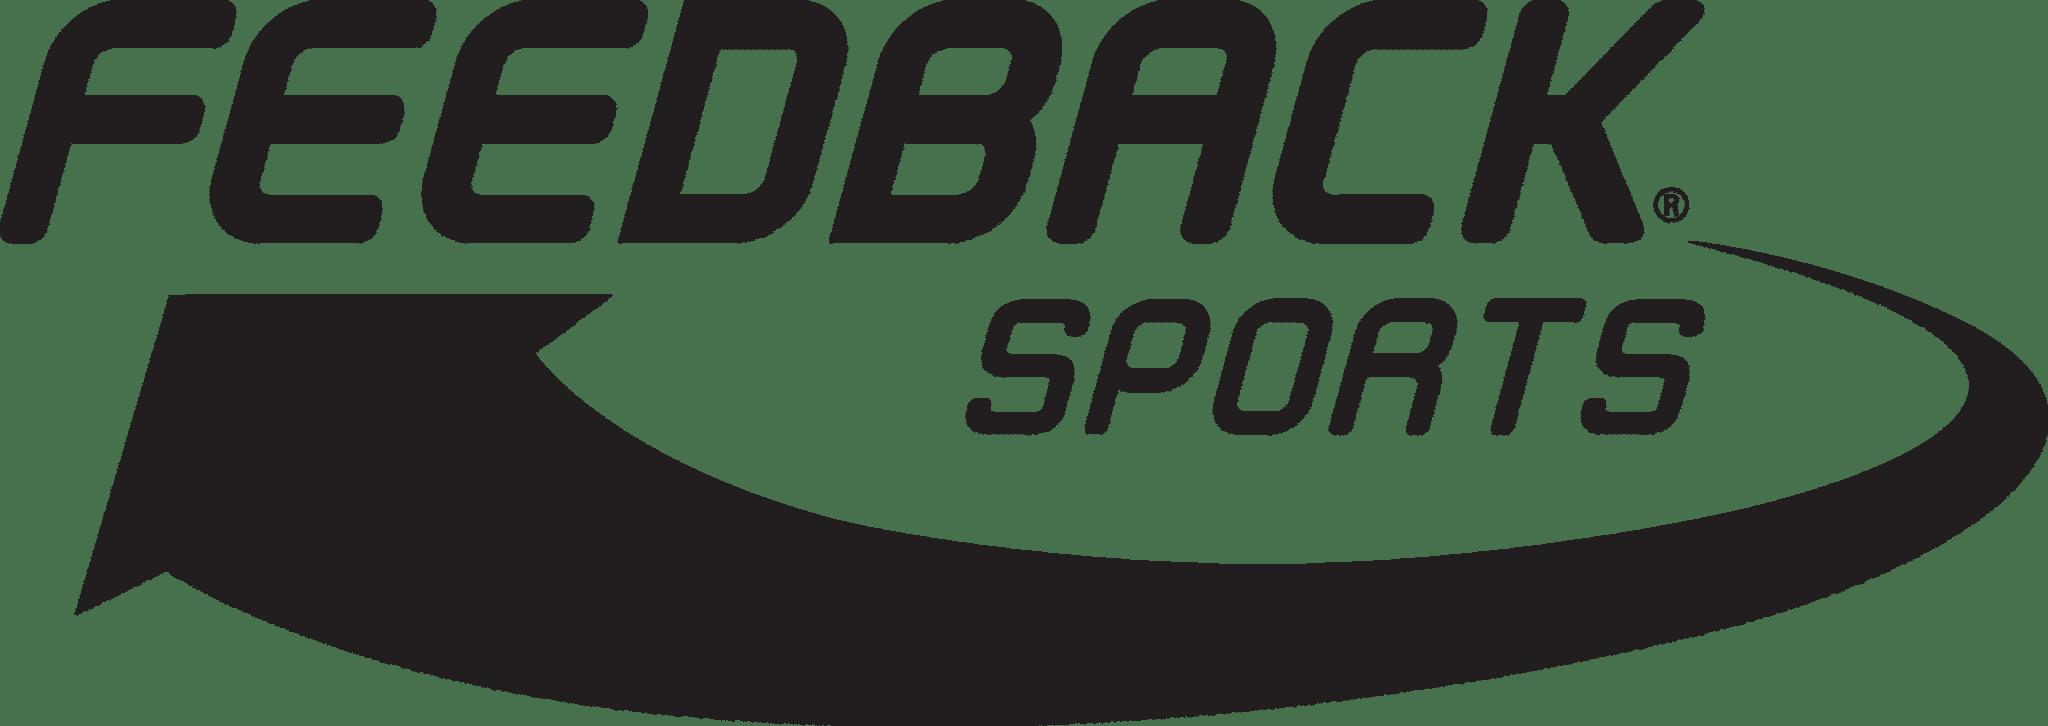 Feedback-sports-19